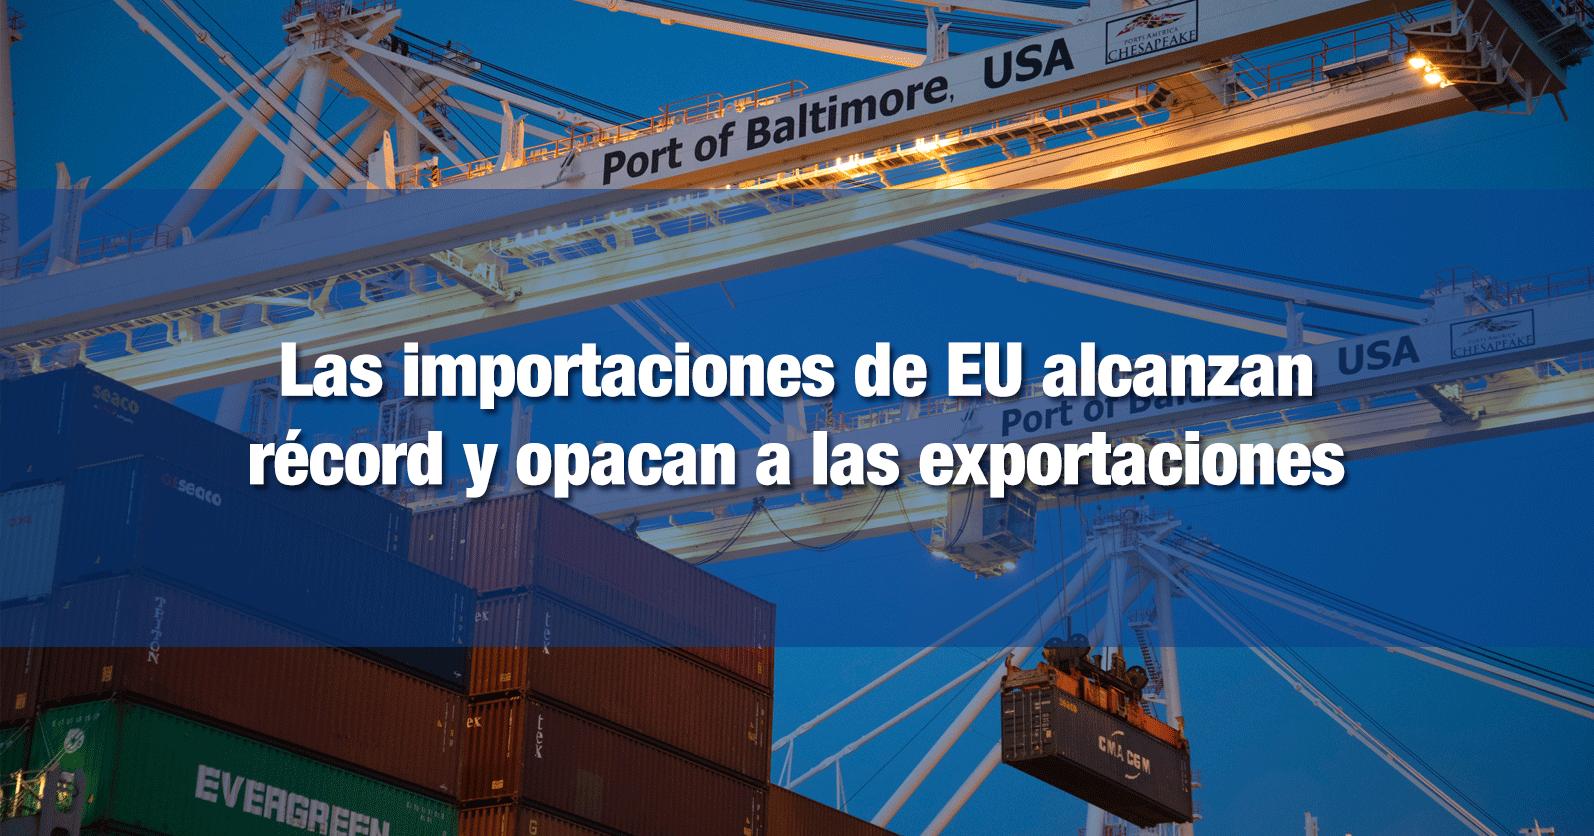 Las importaciones de EU alcanzan récord y opacan a las exportaciones